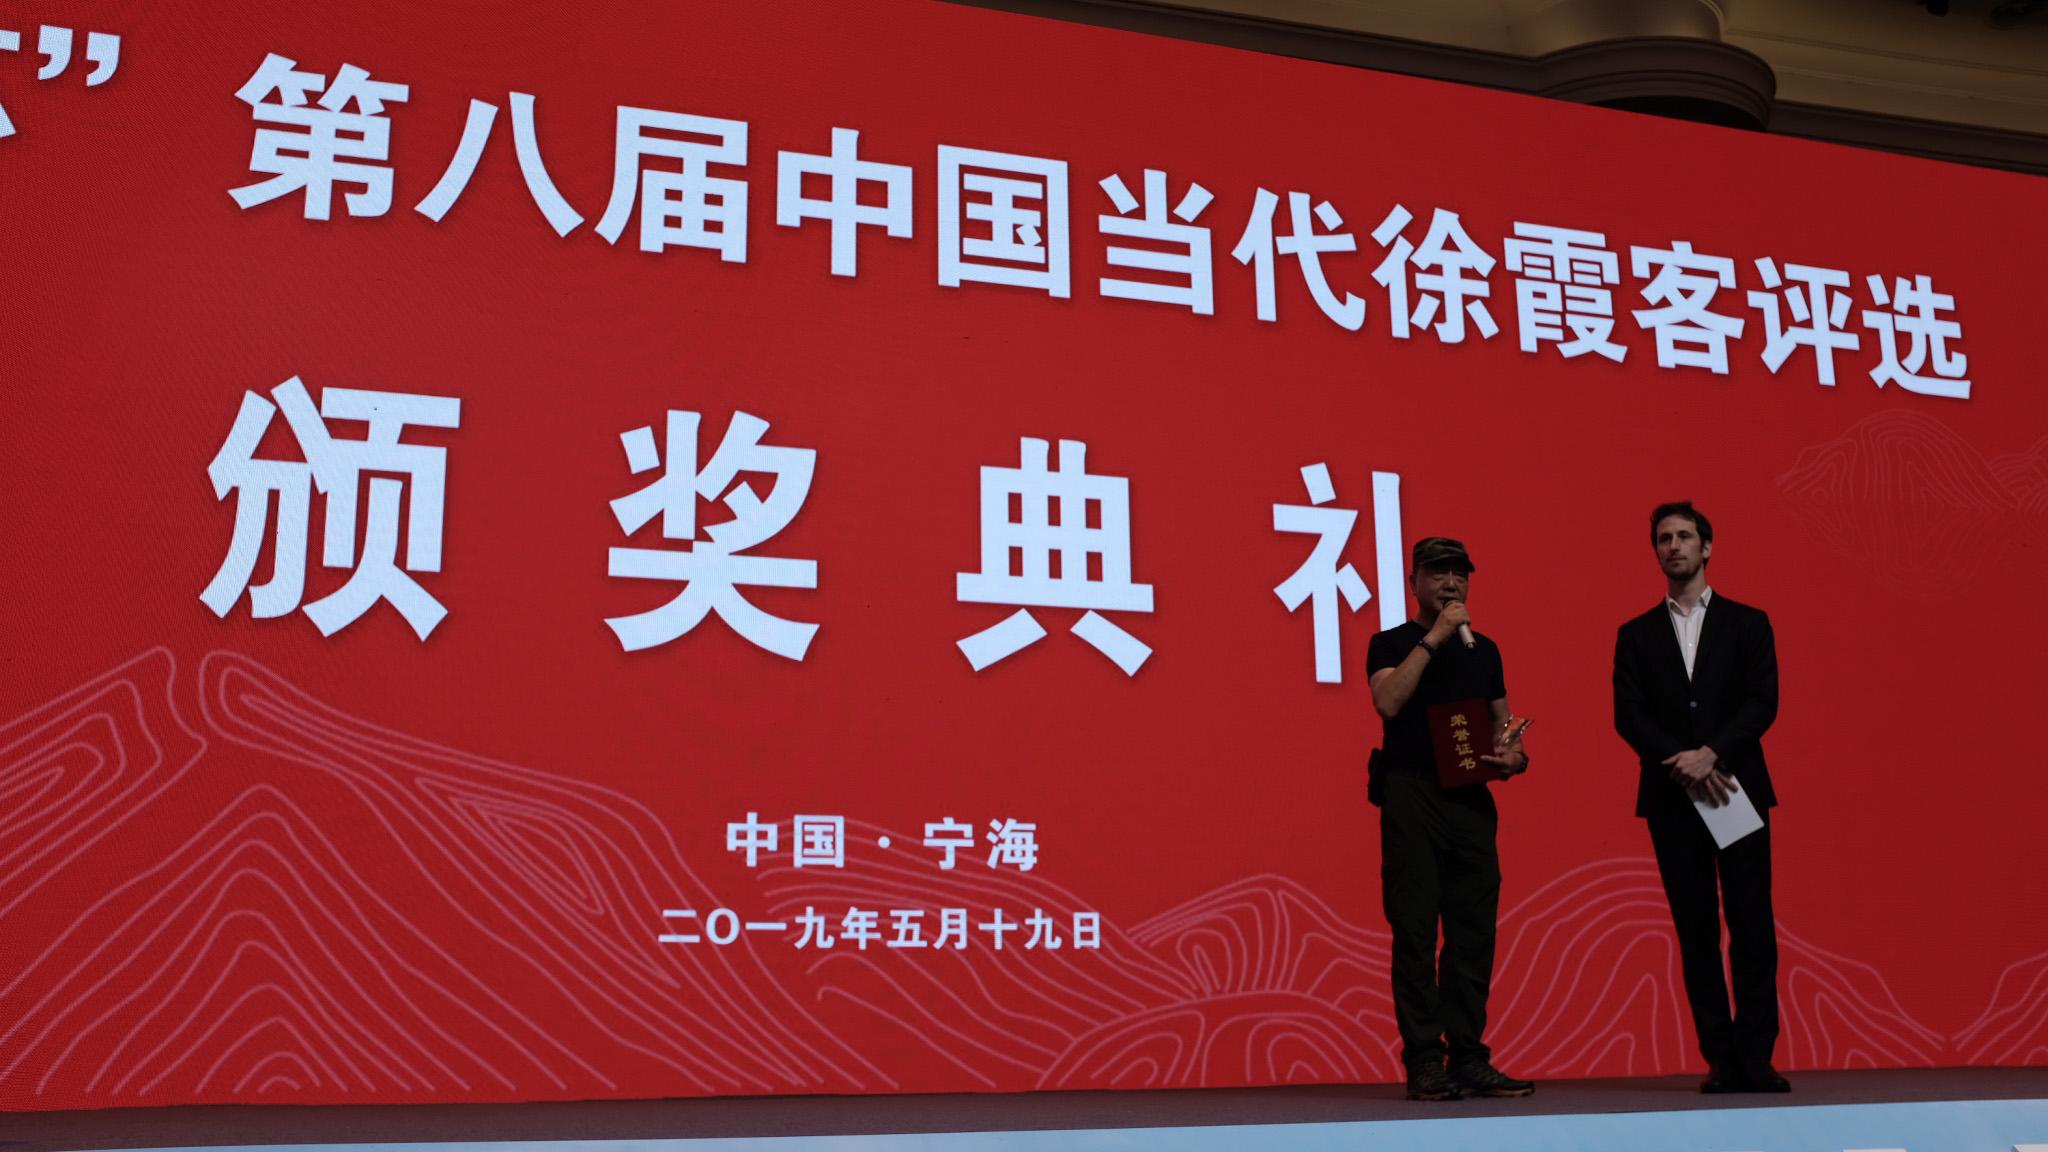 【动态】徐晓光、朱炜强当选第八届中国当代徐霞客